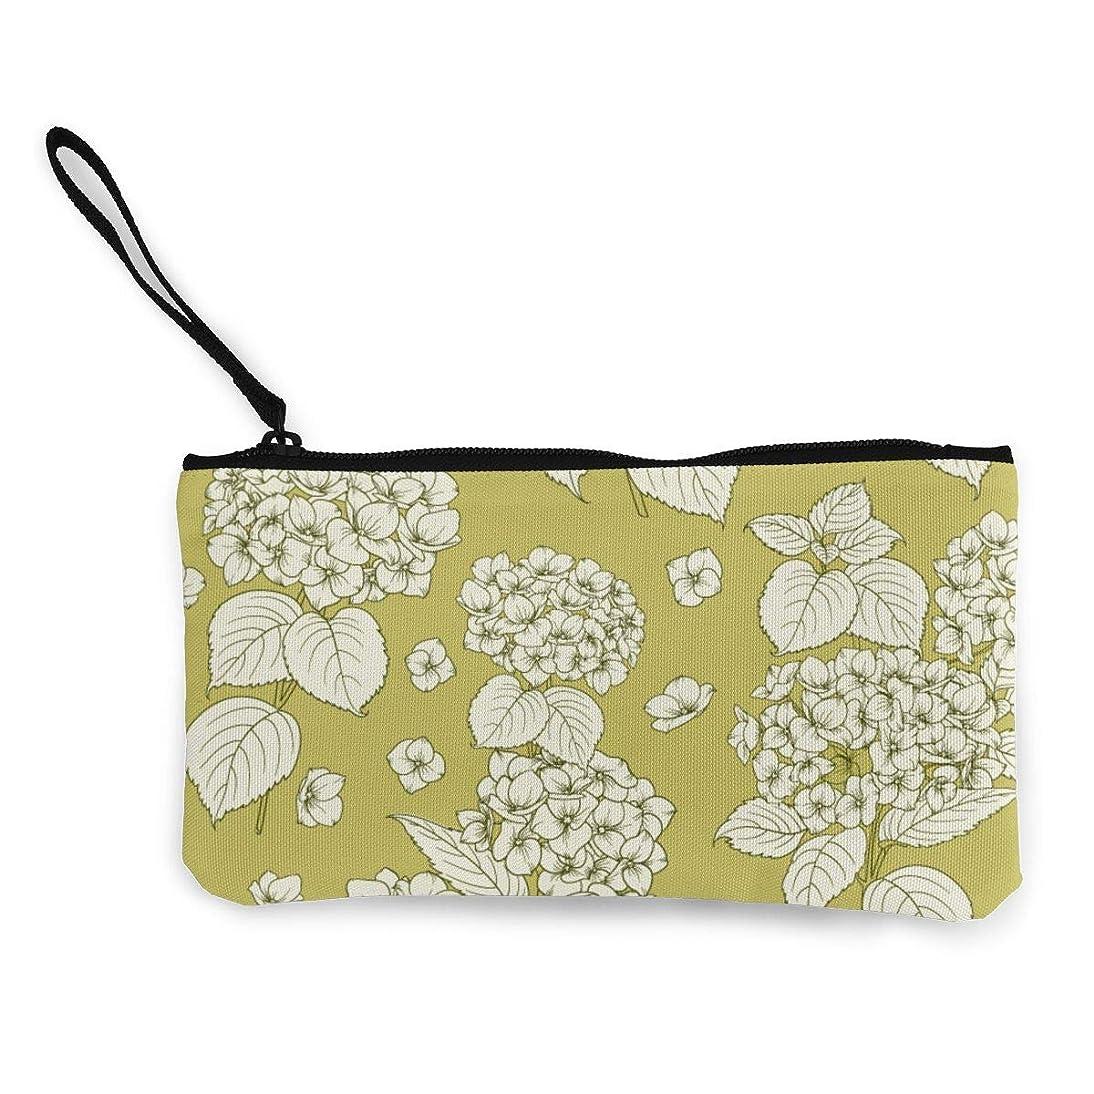 同様の無知意欲ErmiCo レディース 小銭入れ キャンバス財布 伝統的な花 小遣い財布 財布 鍵 小物 充電器 収納 長財布 ファスナー付き 22×12cm